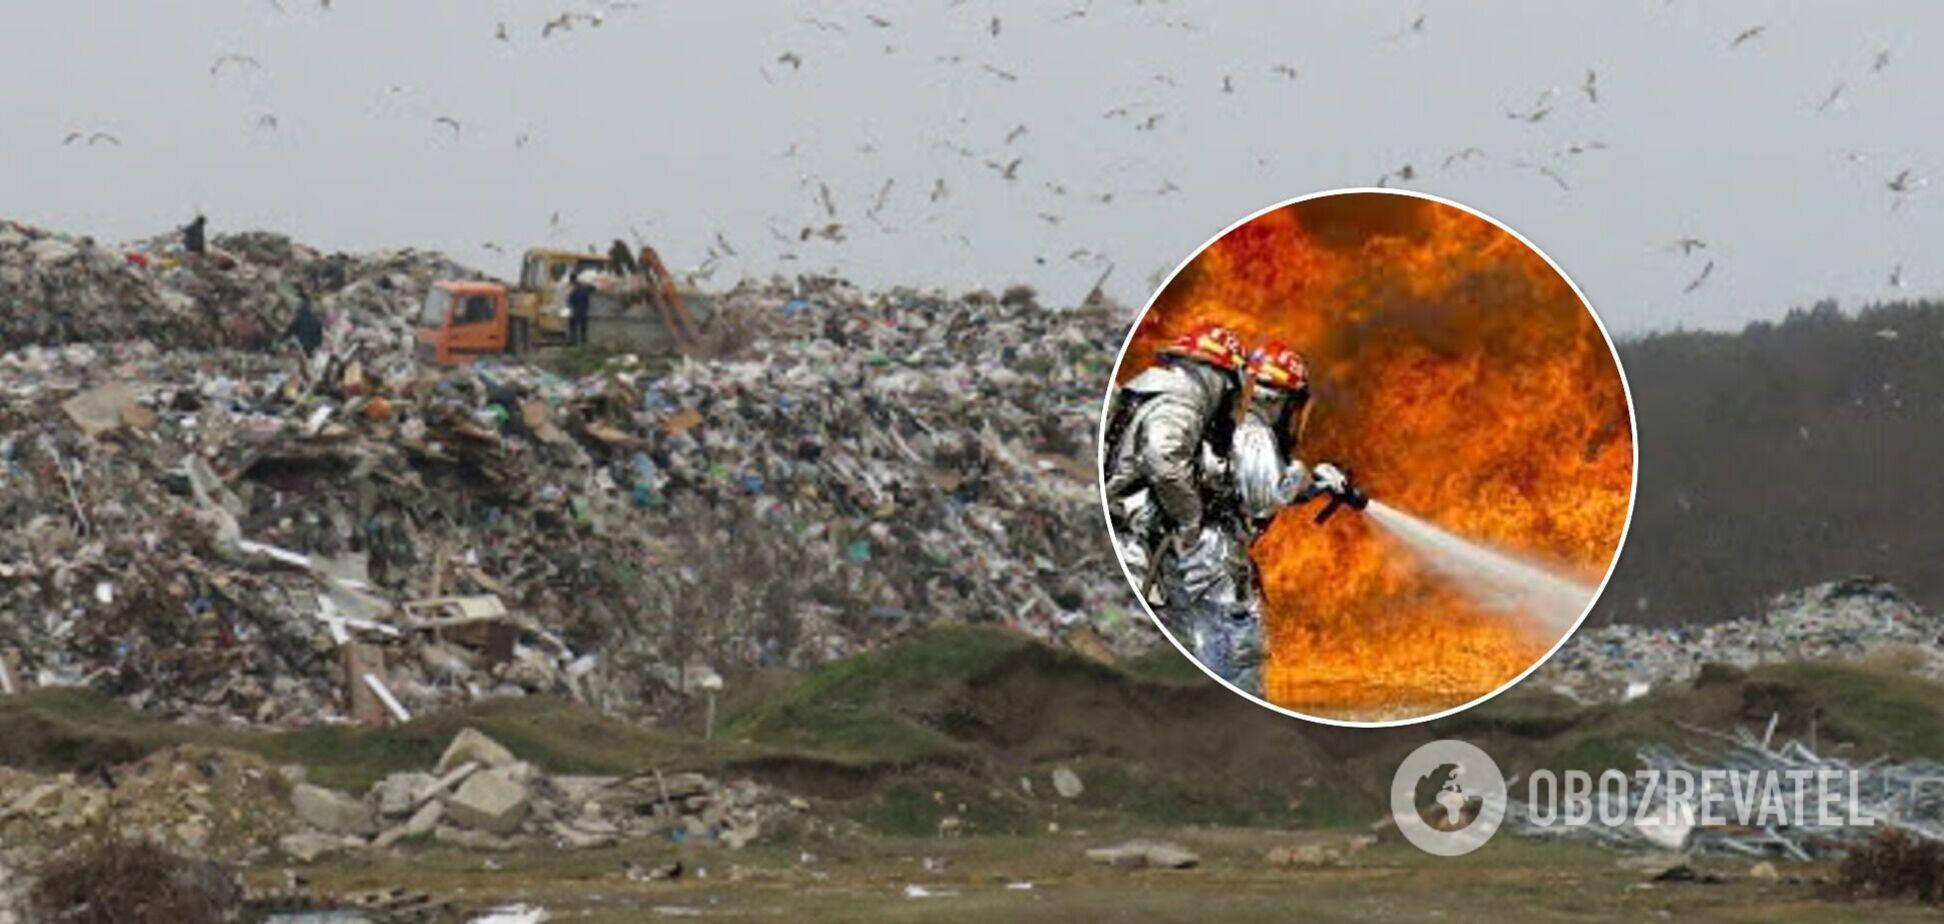 В Крыму вспыхнул пожар на мусорном полигоне: люди пожаловались на дымовую завесу. Видео